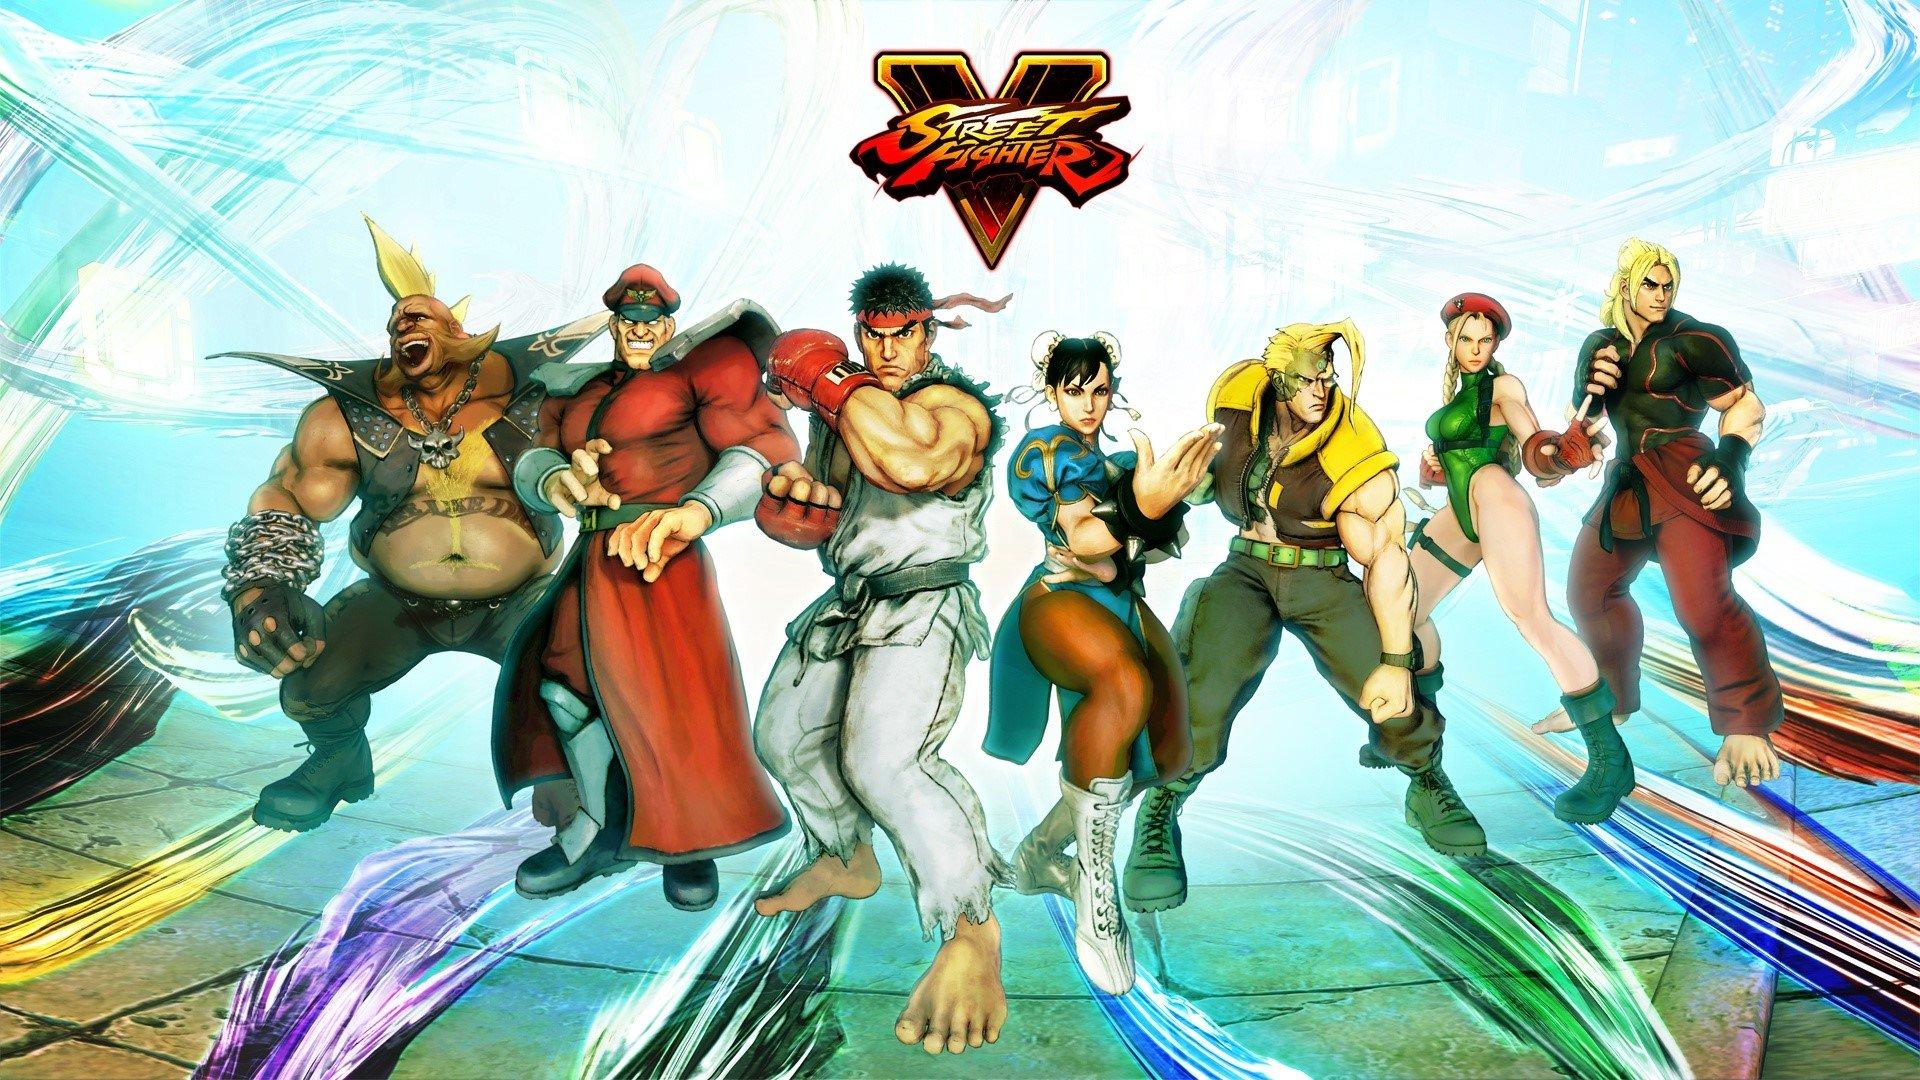 Fondo de pantalla de Personaje de Street Fighter V Imágenes